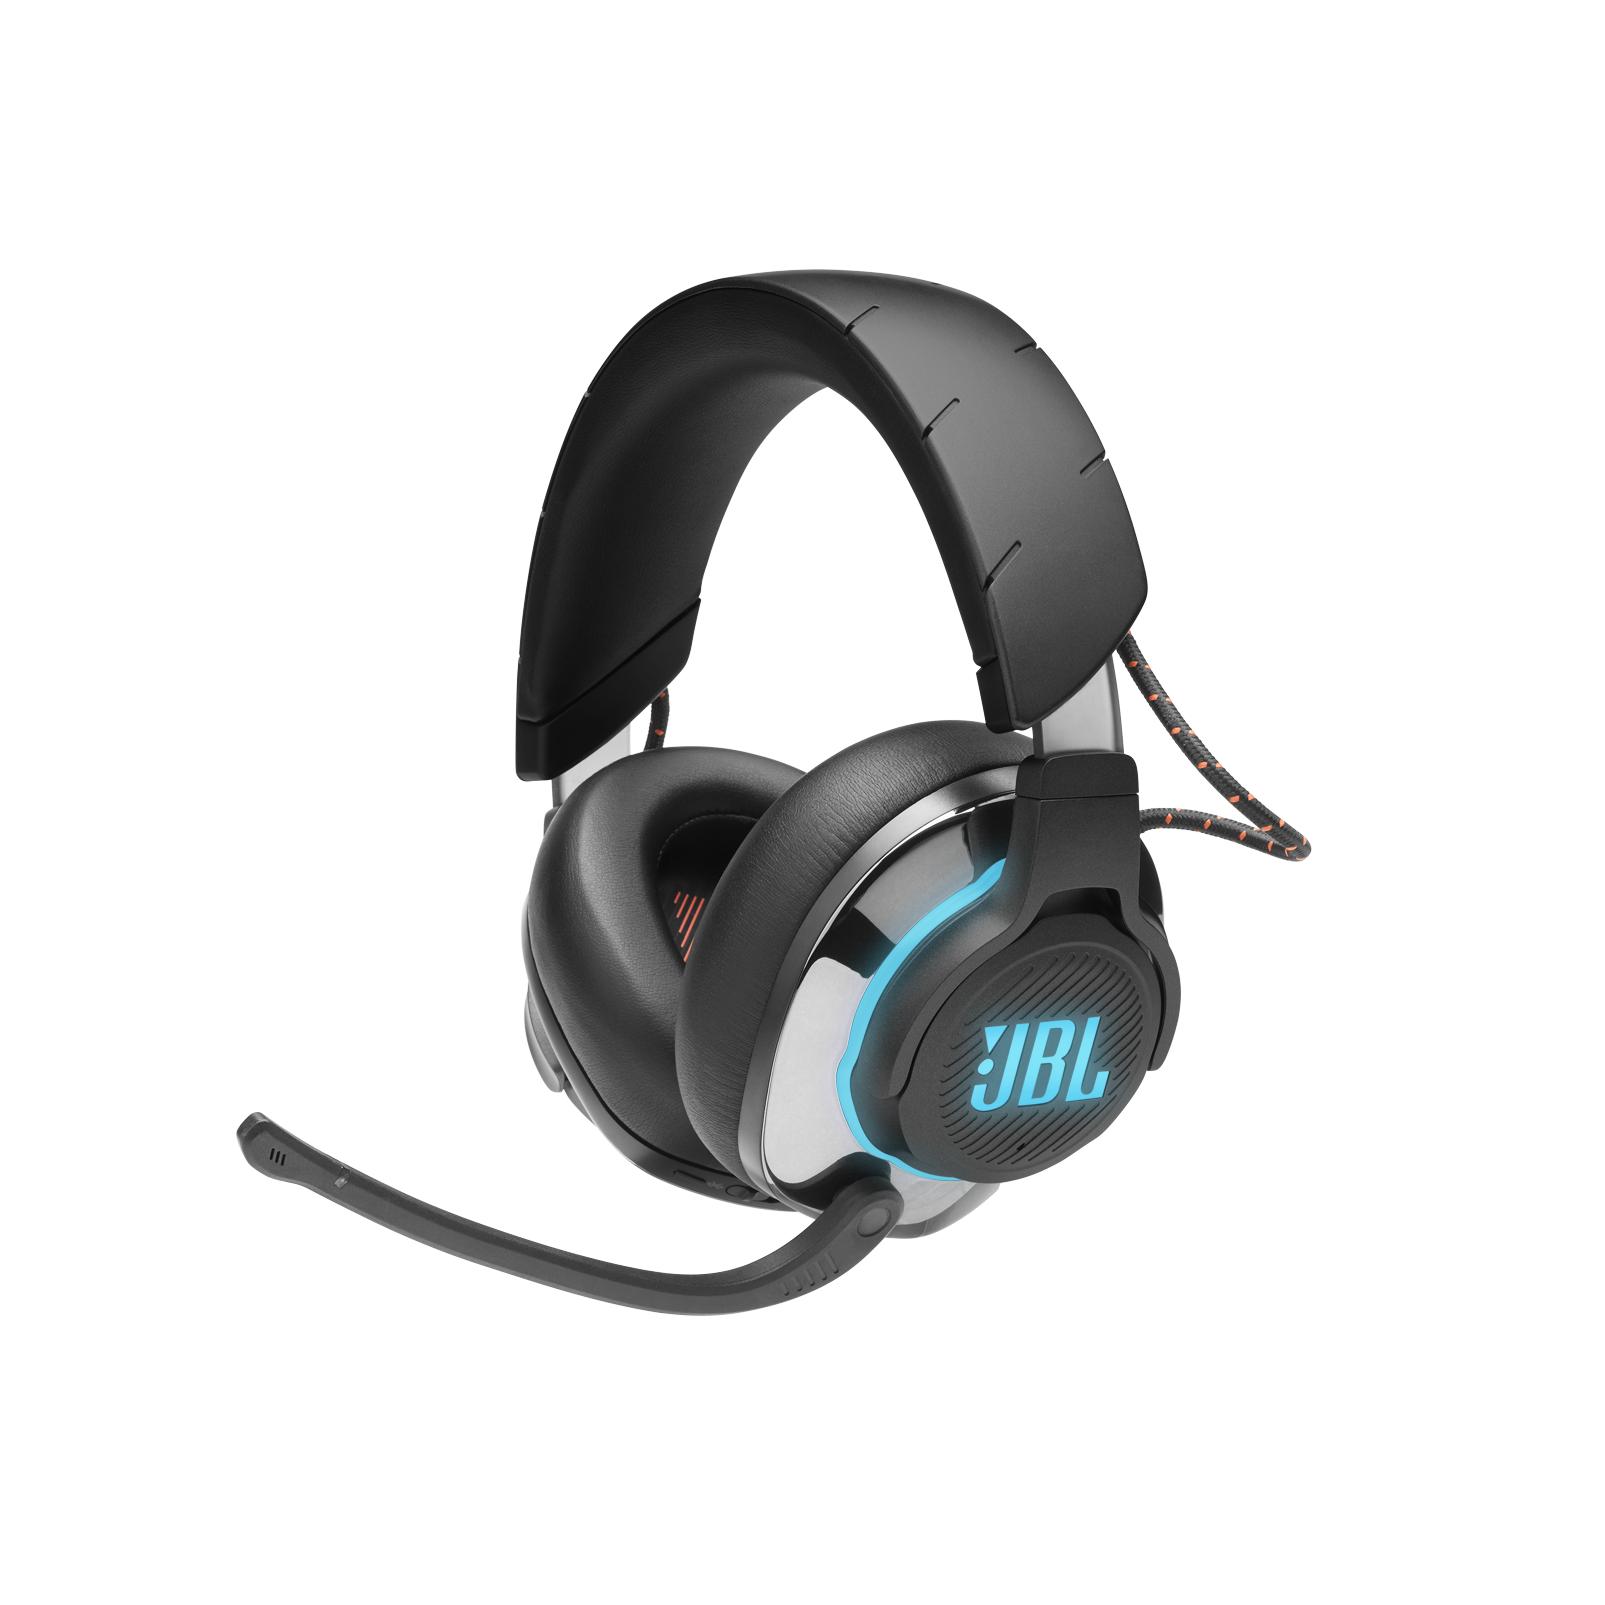 Безжични геймърски слушалки JBL Quantum 800 Black